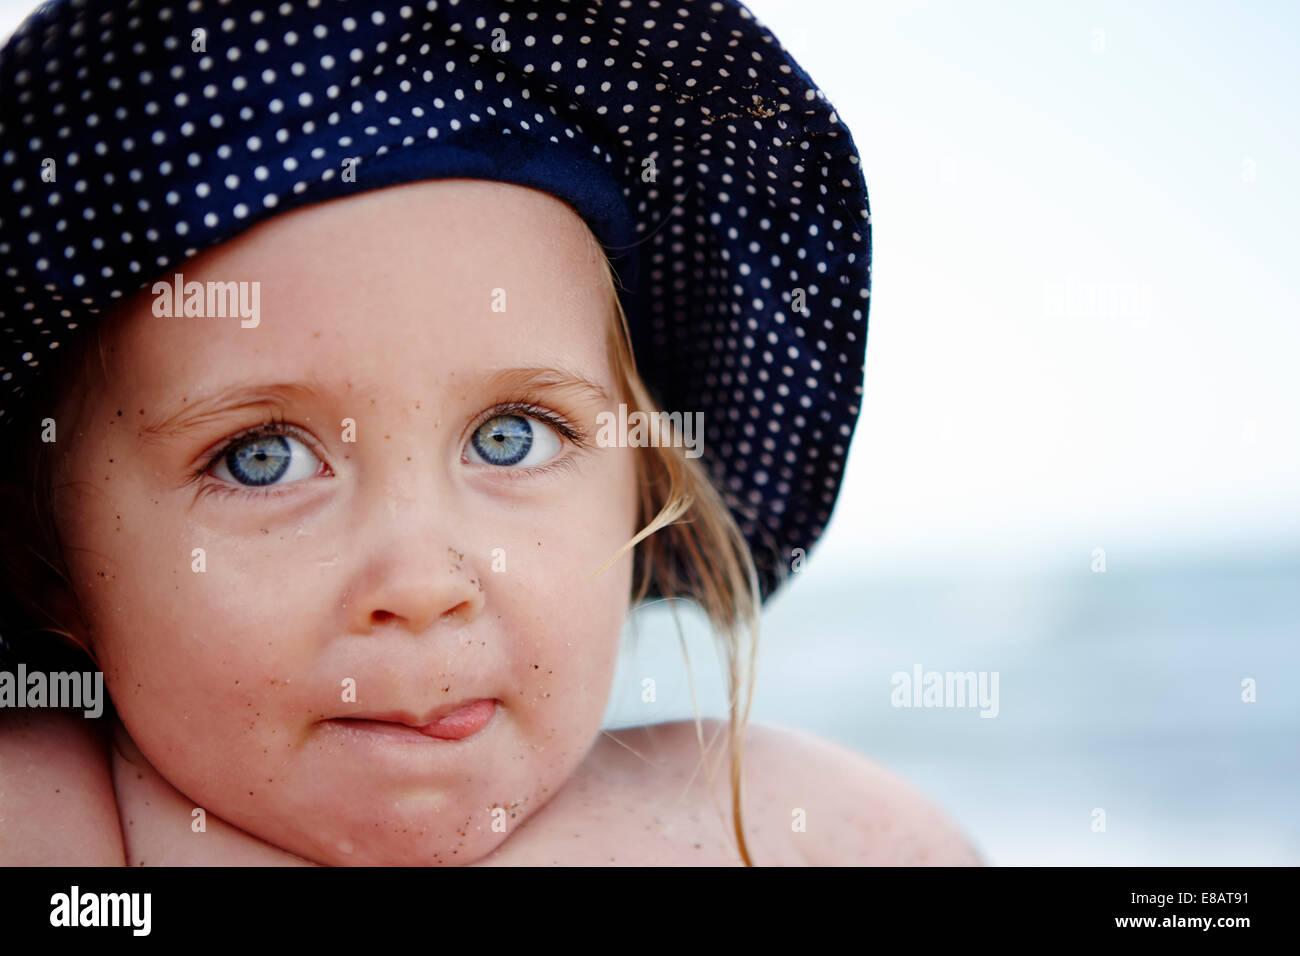 Joven vistiendo sombrero irregular, Retrato Imagen De Stock